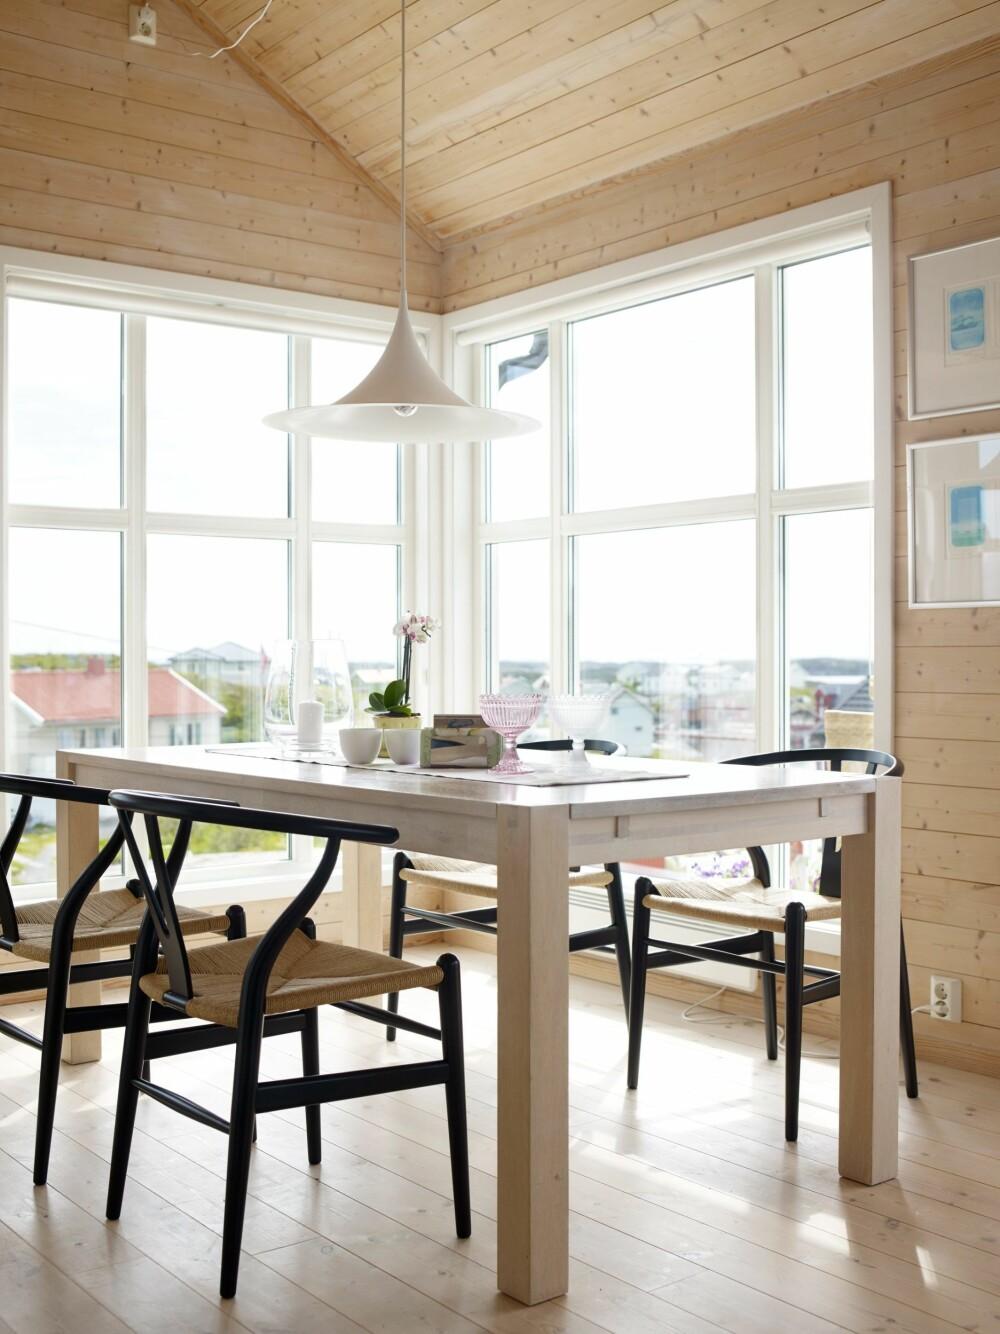 HØY HIMLING: Det er virkelig høyt under taket. Anne Karin samler ofte venner rundt bordet til krabbelag. Y-Stolene er designet av Wegner, kjøpt hos Berge Interiør. Pendel fra Rom til Rom. Spisebord fra Bohus.